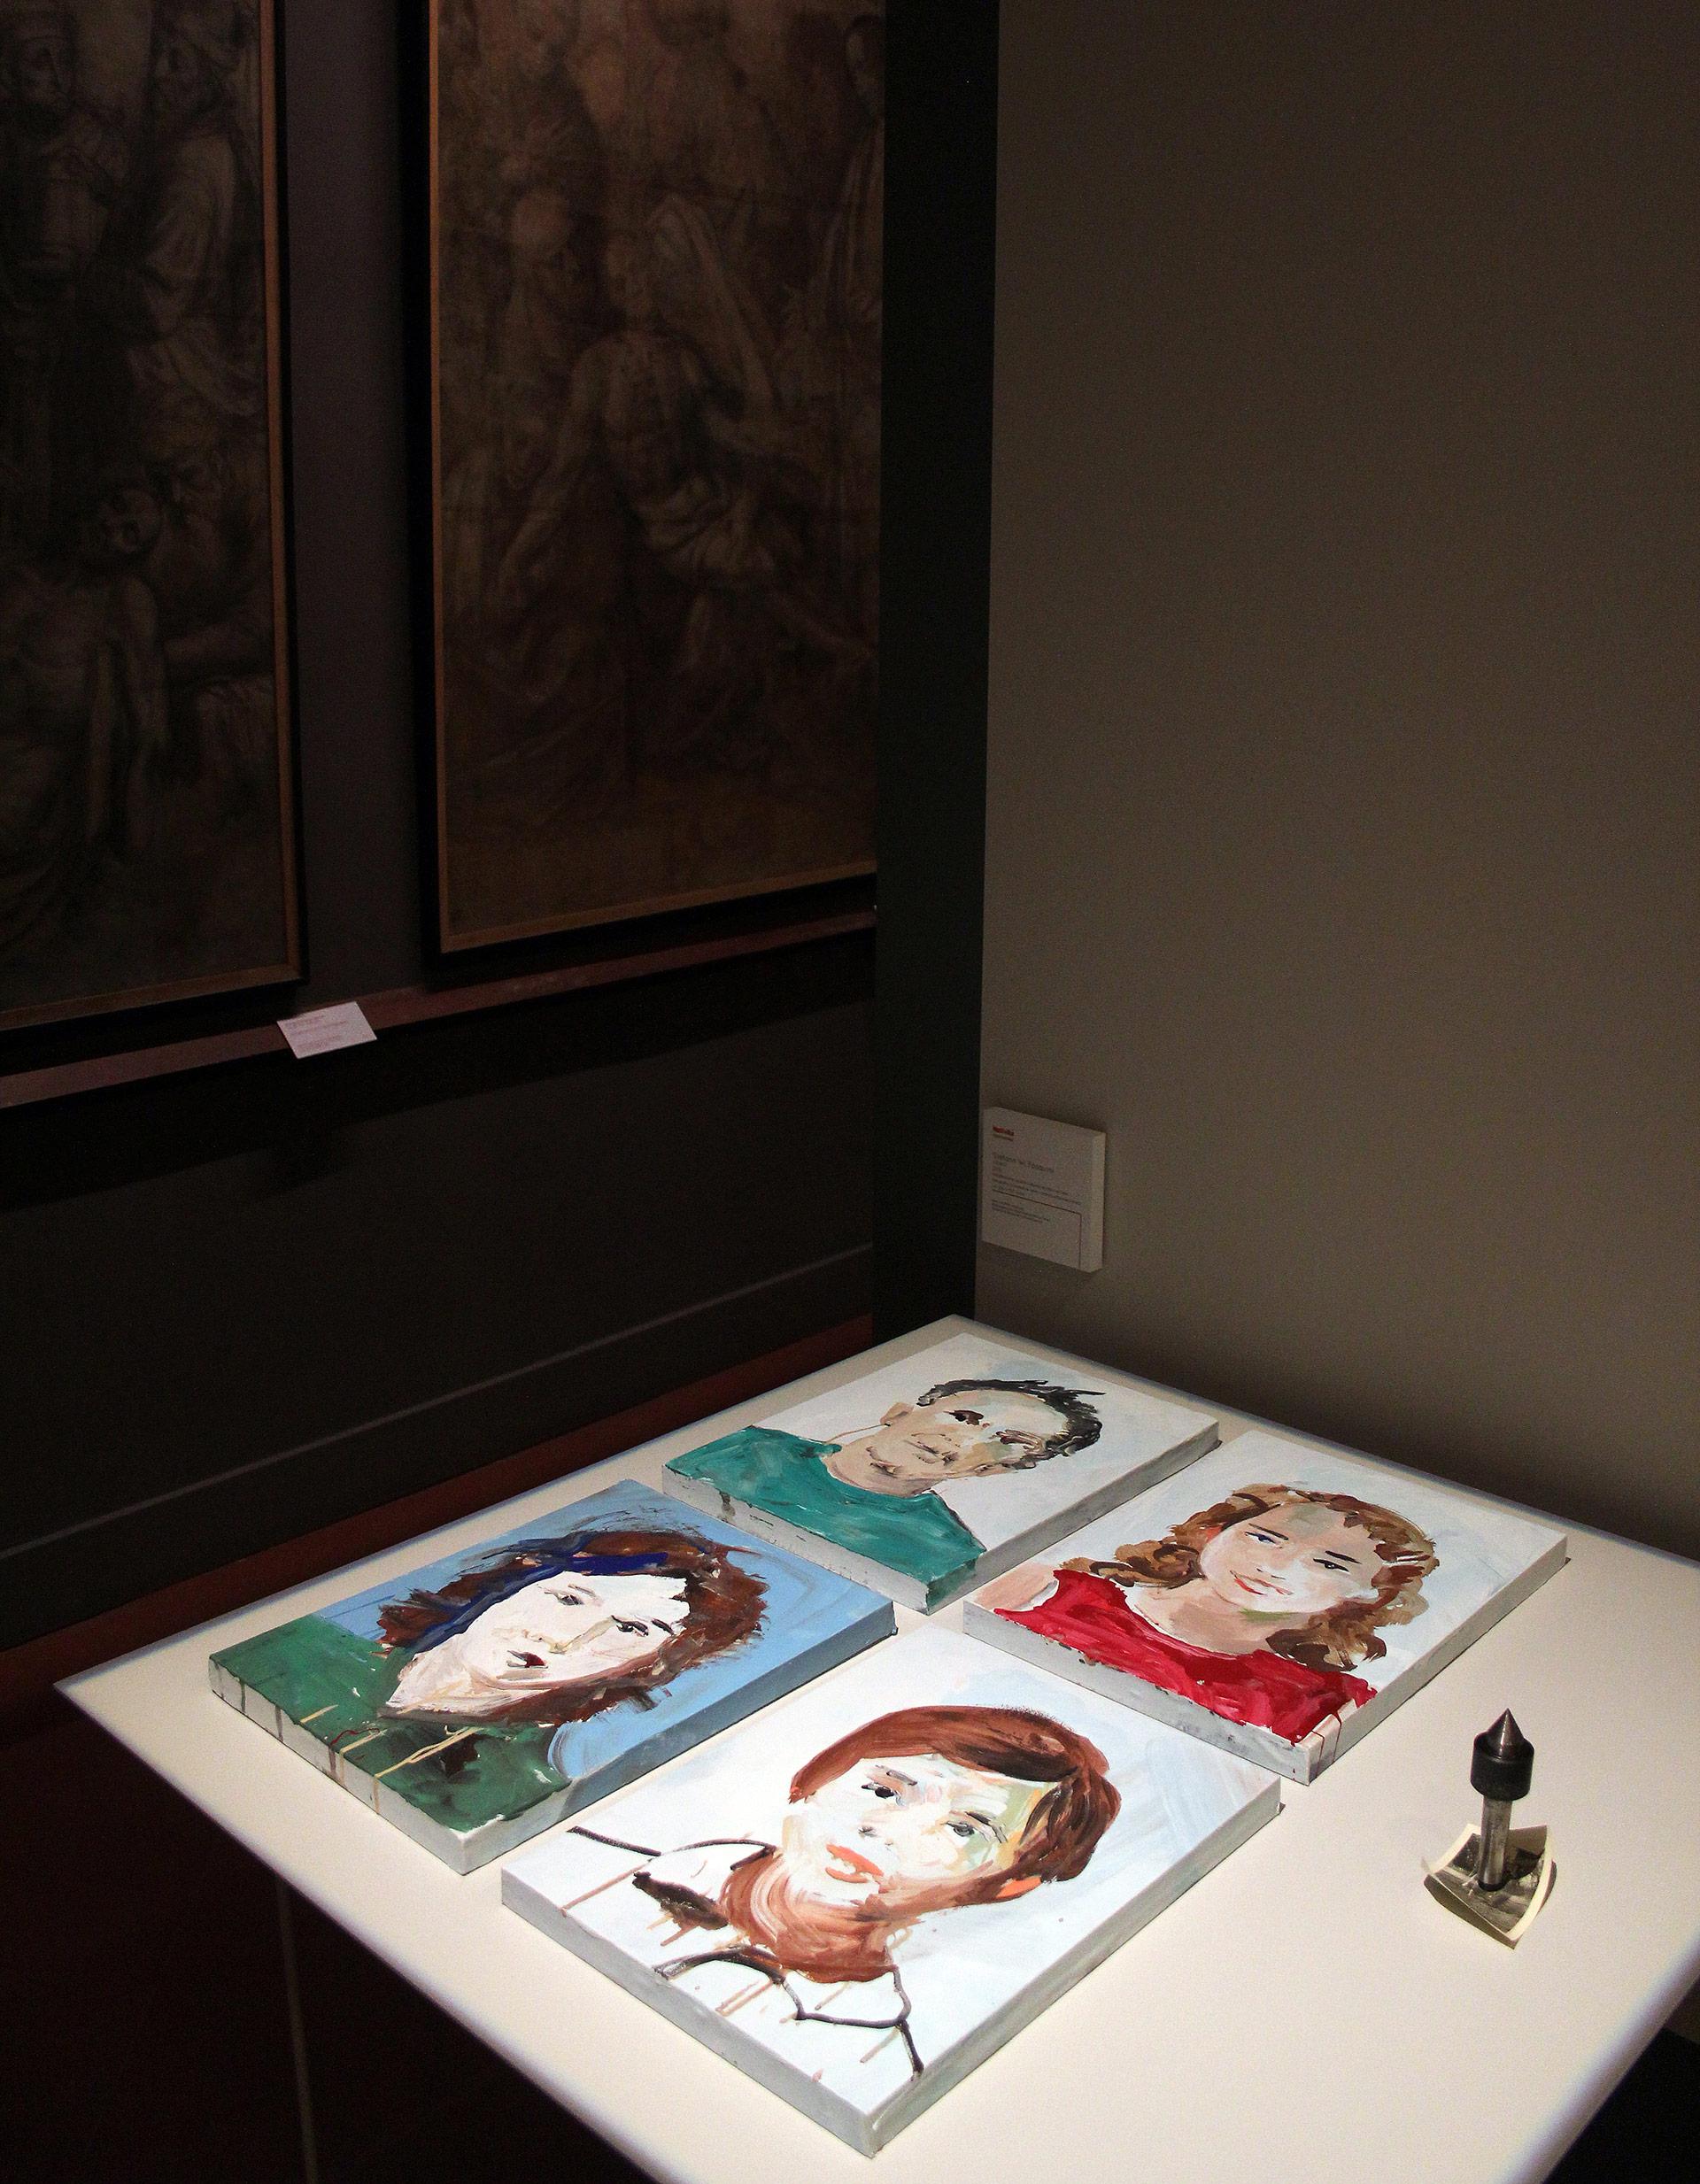 Stefano W. Pasquini, UE1601, Pinacoteca Albertina, Torino, 2016